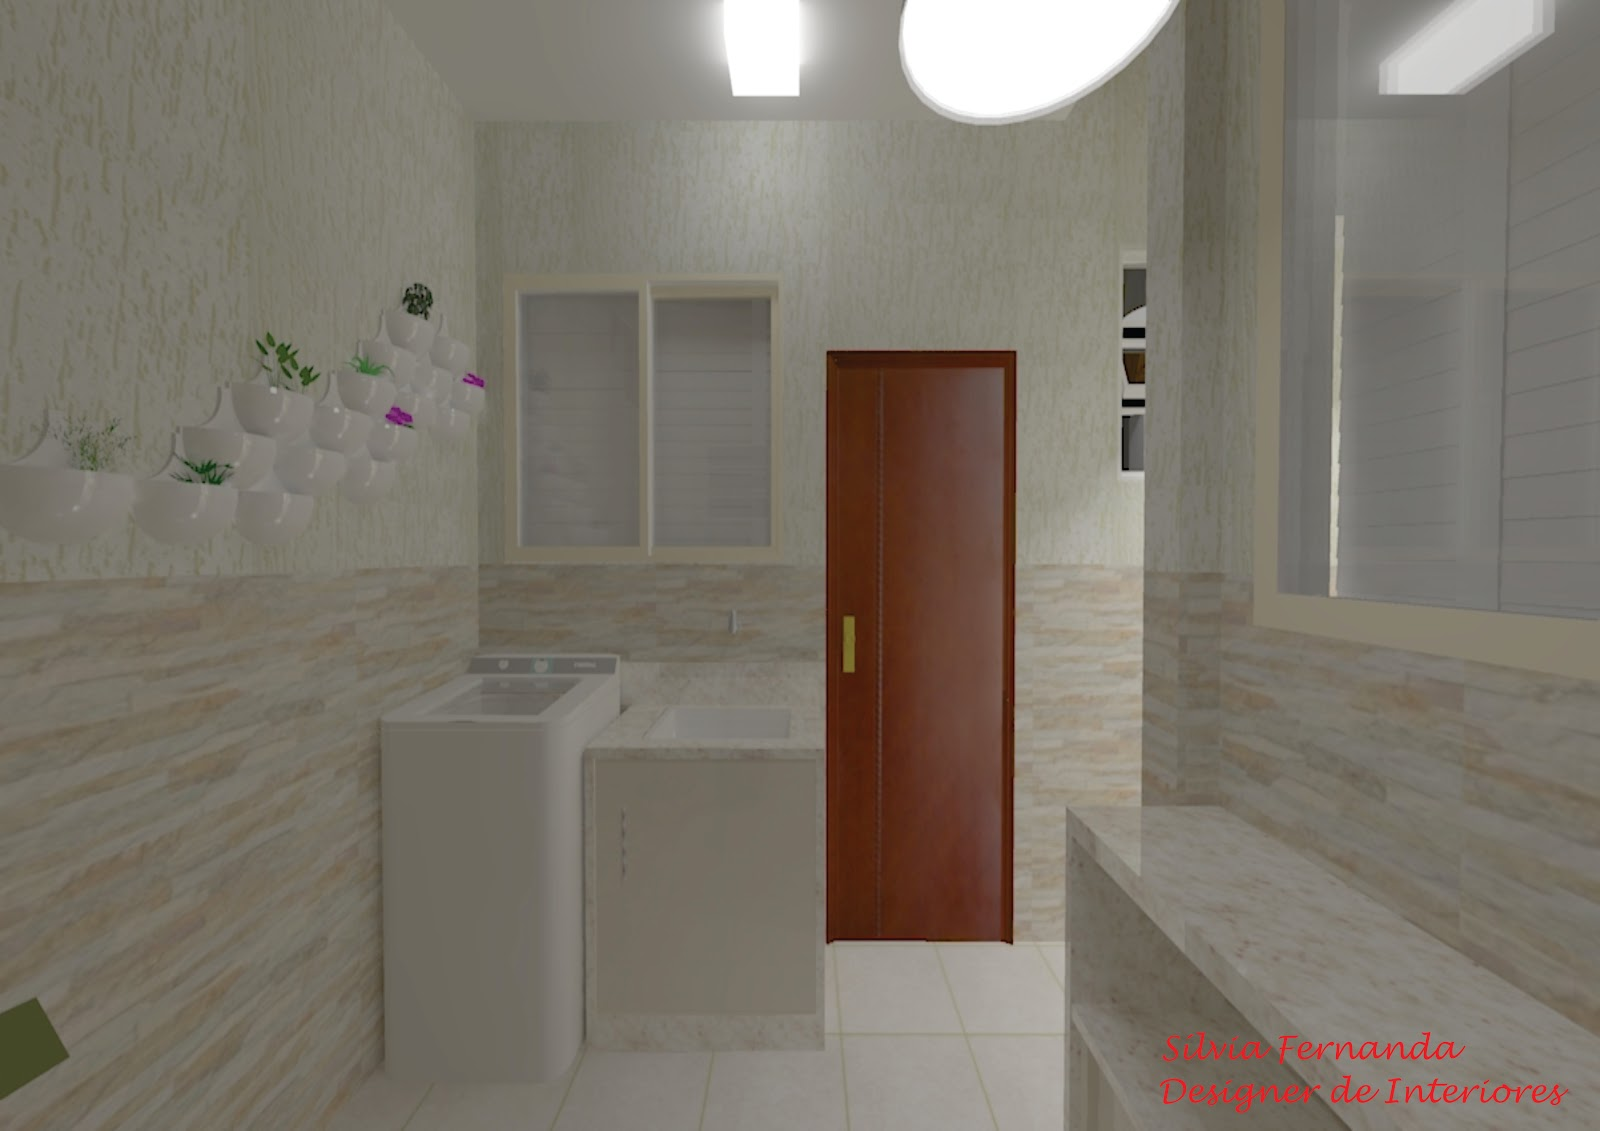 Criar Interiores : Banheiro azul e branco #4C2813 1600x1131 Banheiro Azul Com Branco